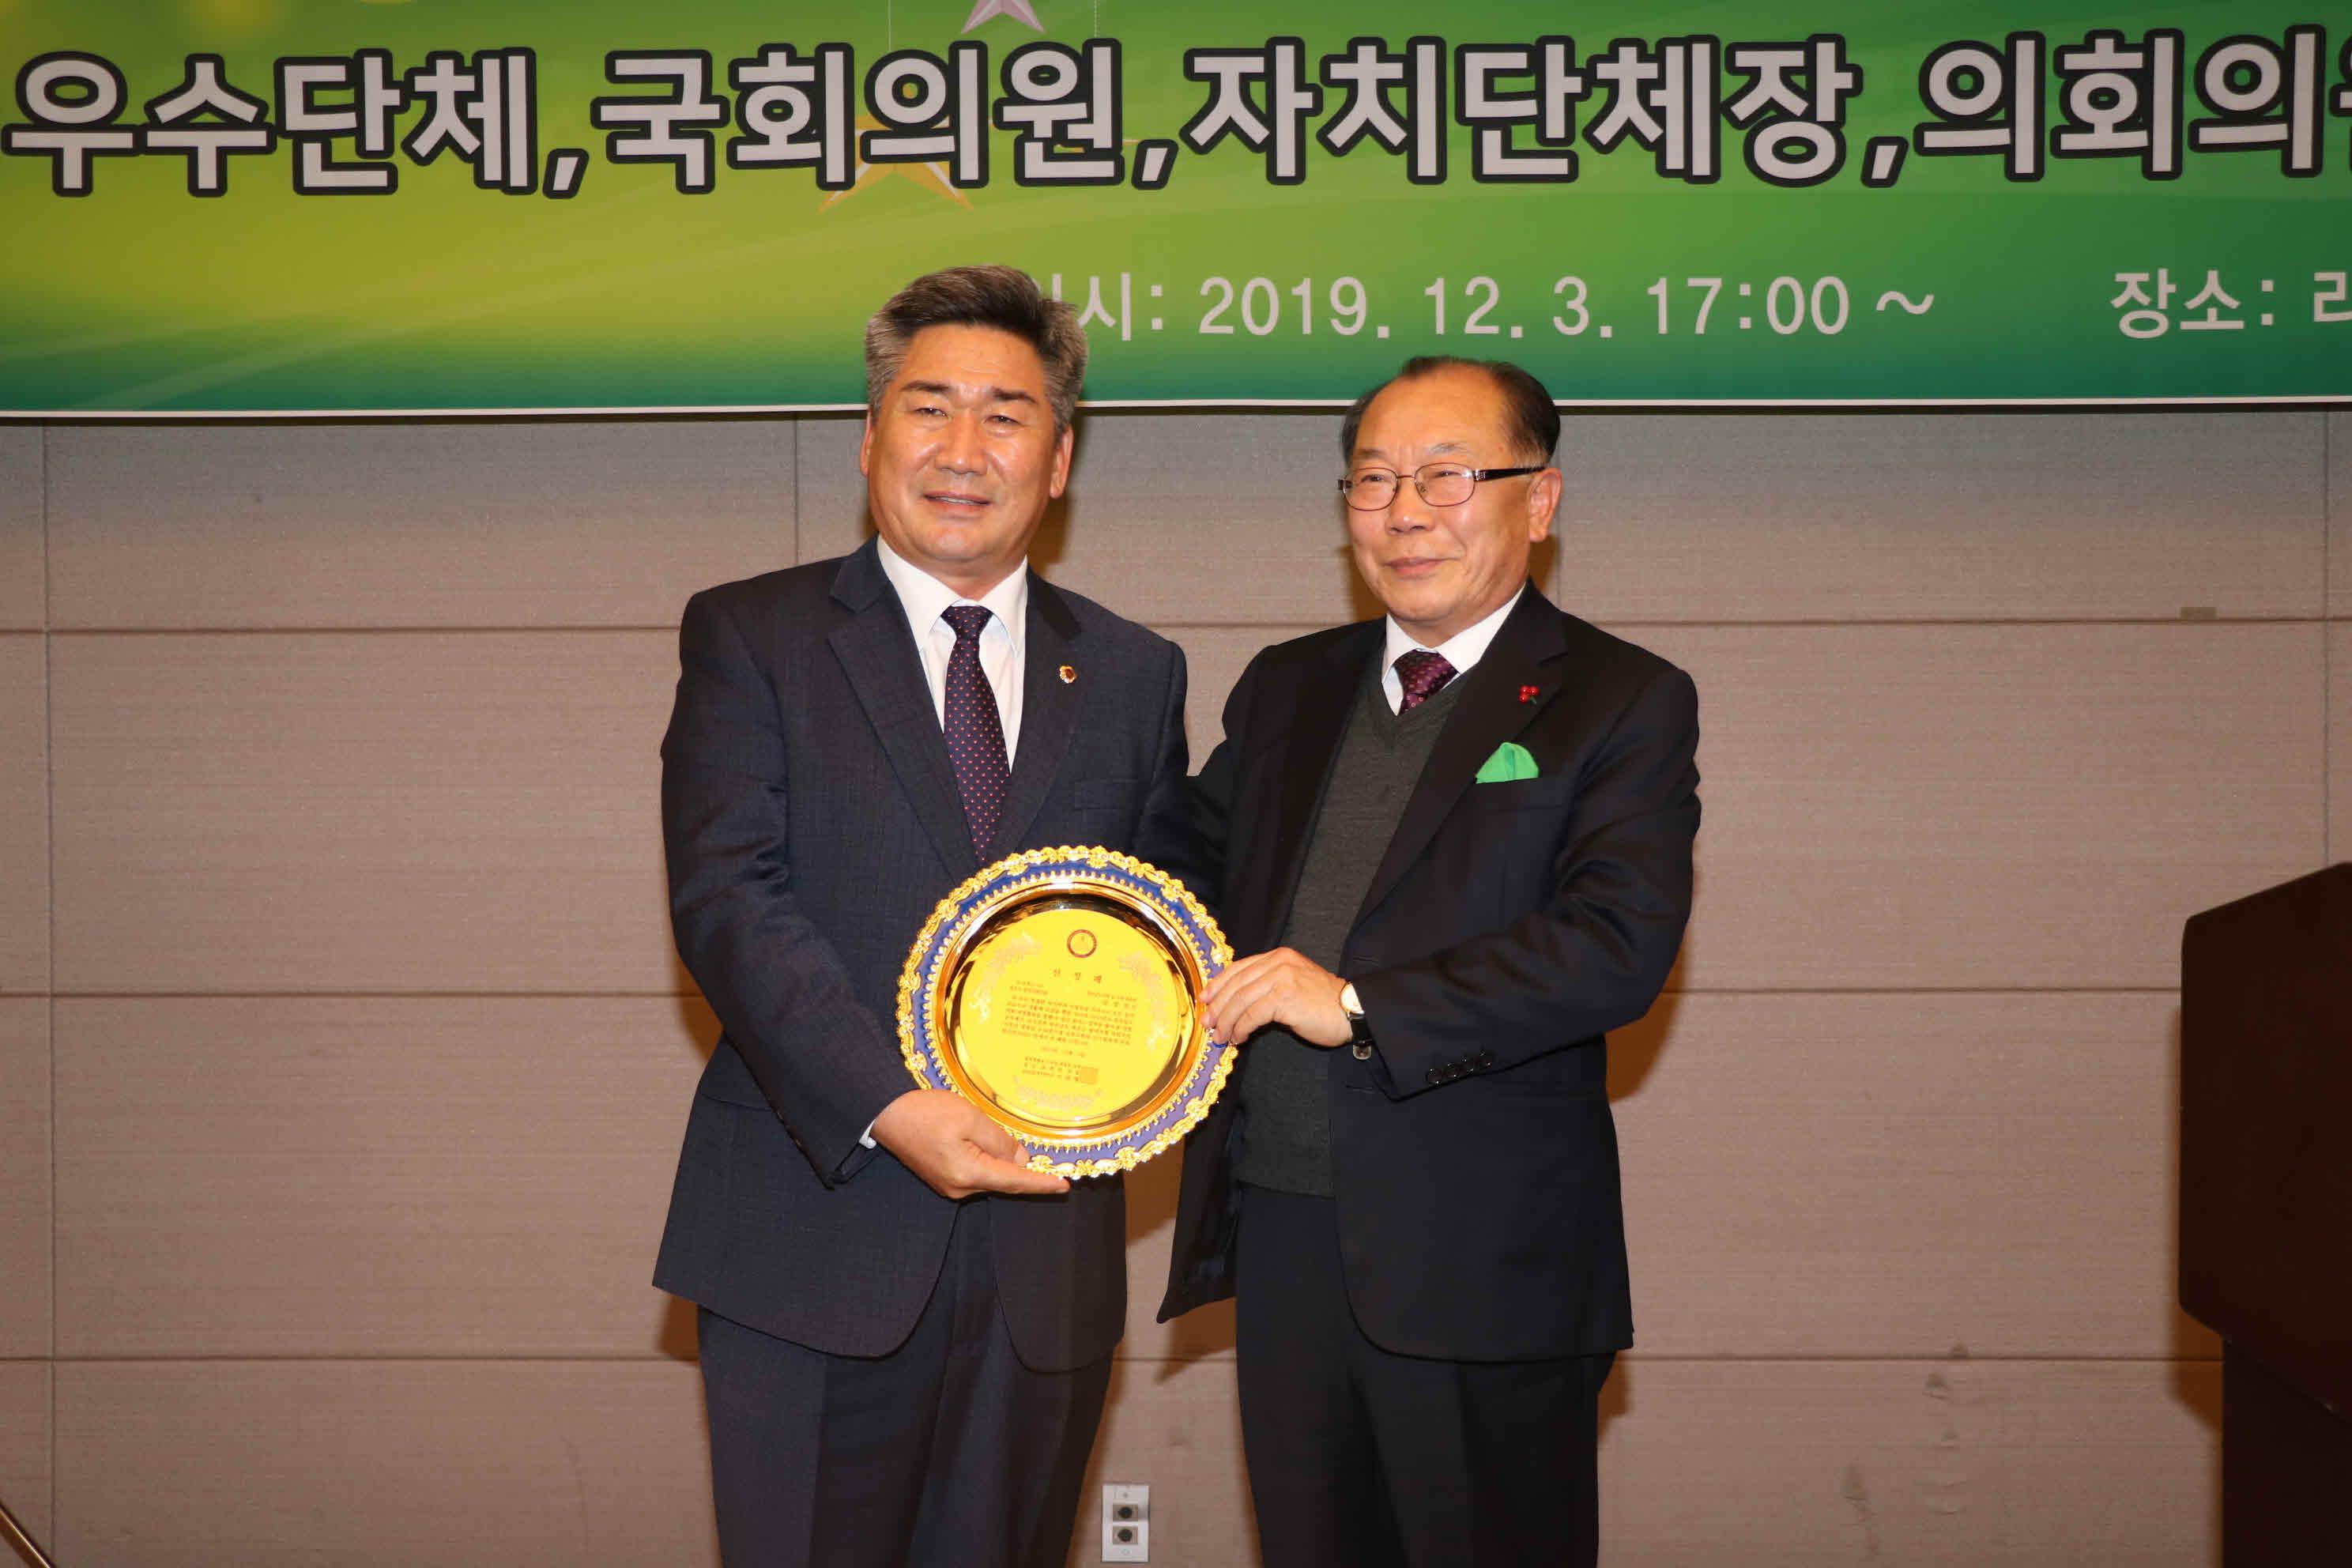 김성일 도의원, 호남유권자연합 2019 최우수의원 수상